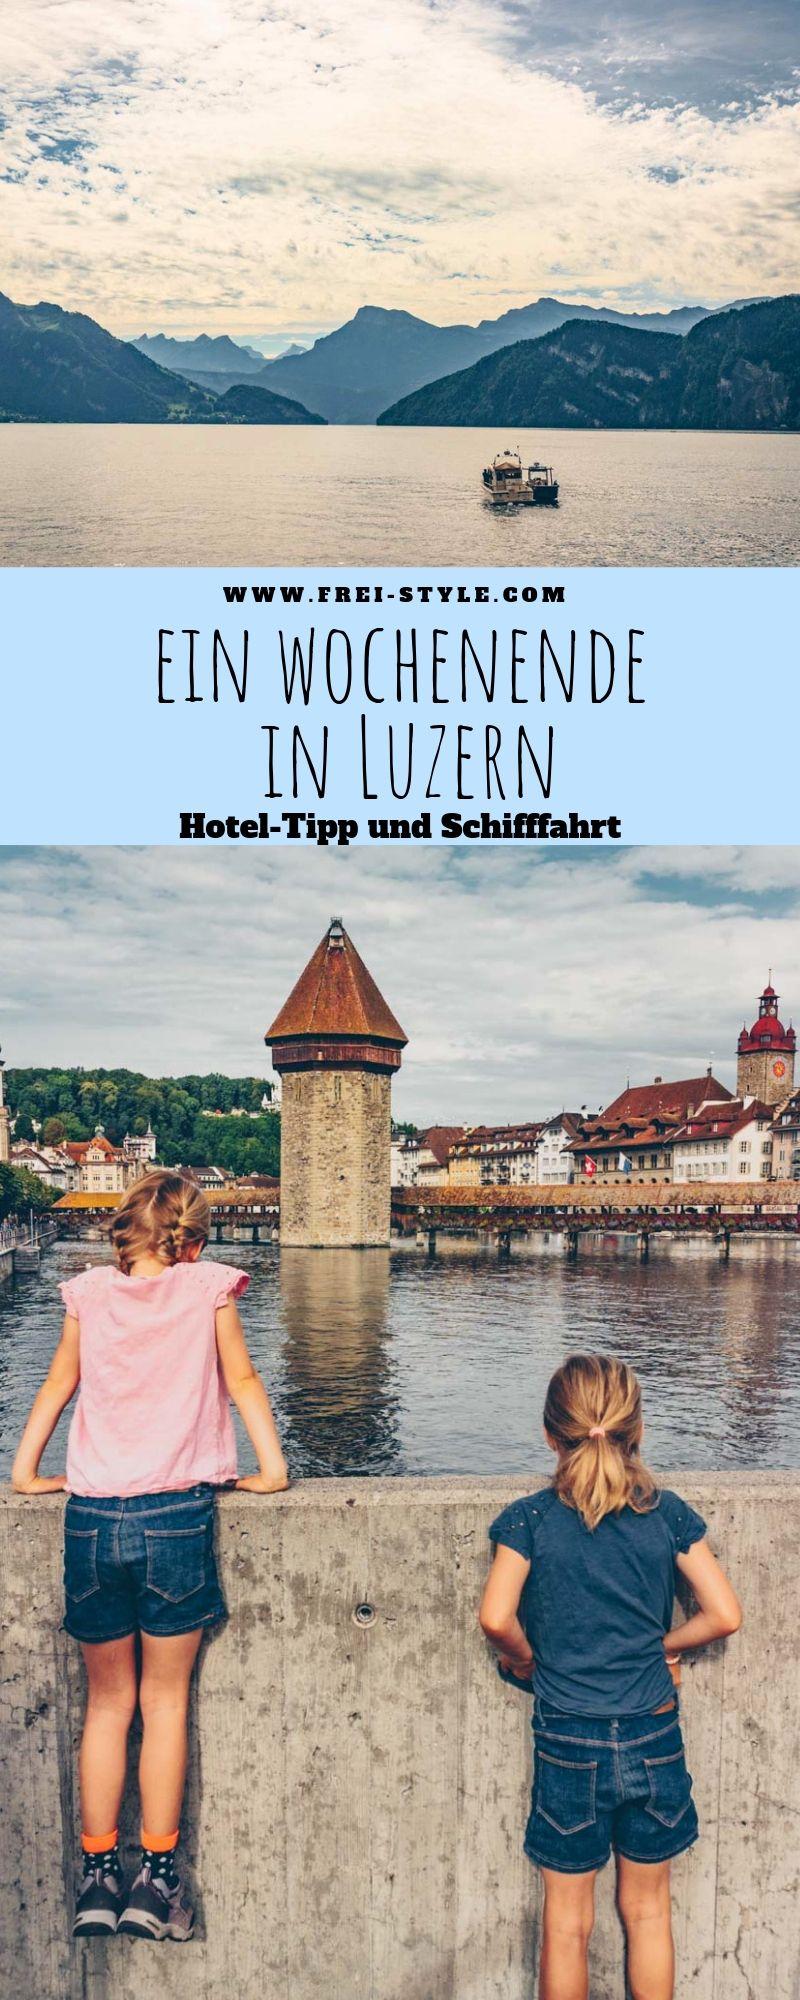 Ein Wochenende in Luzern